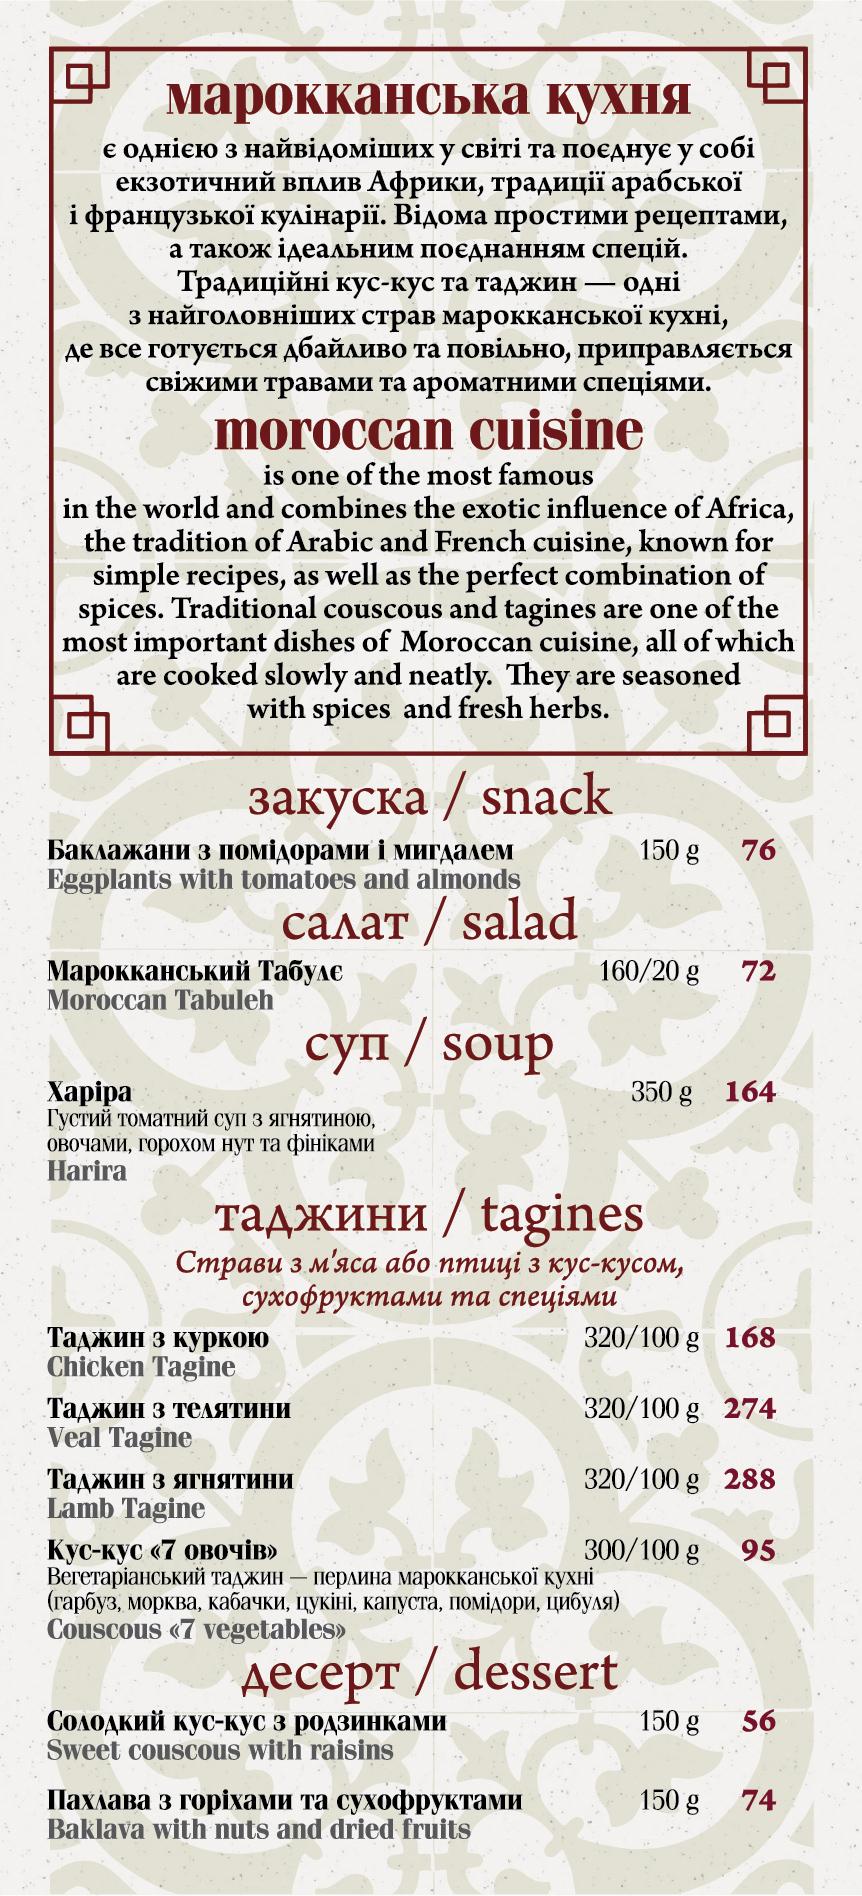 Марокканская кухня в ресторане СМОРОДИНА